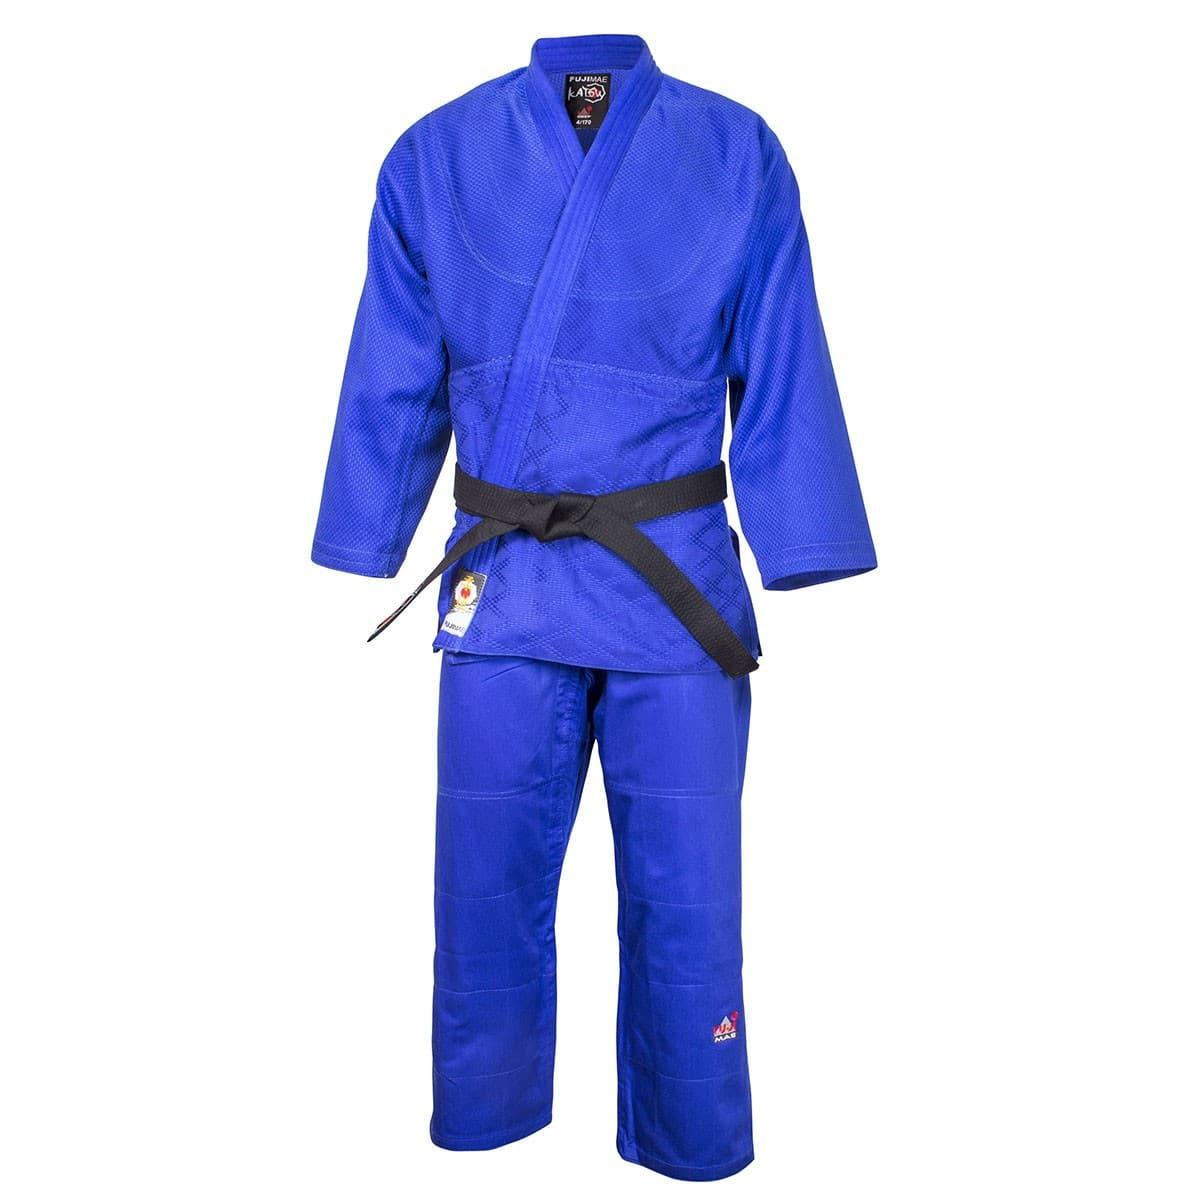 kimono-judo-katsu-bleu-fuji-mae